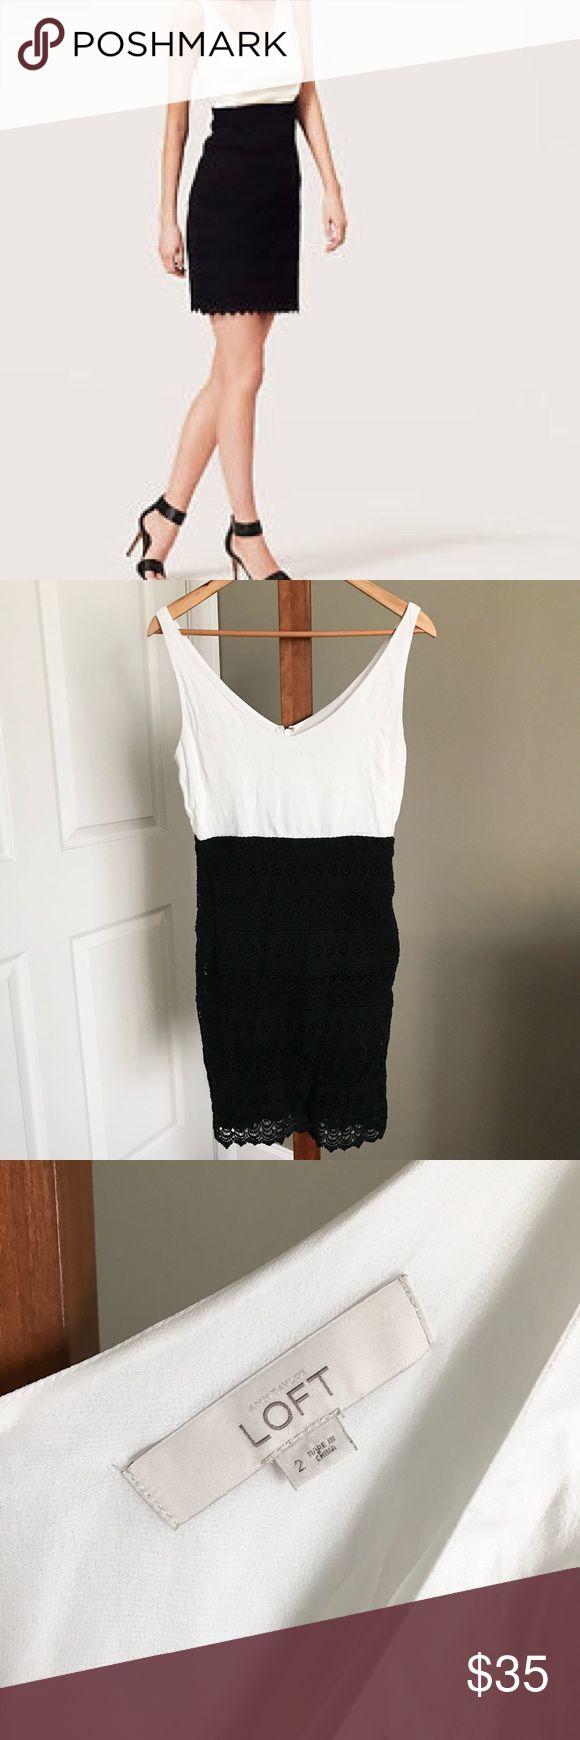 LOFT Lace Trim Tank Dress Super cute and flattering LOFT dress. Black crochet fabric on the skirt portion. Size 2. Excellent condition. LOFT Dresses